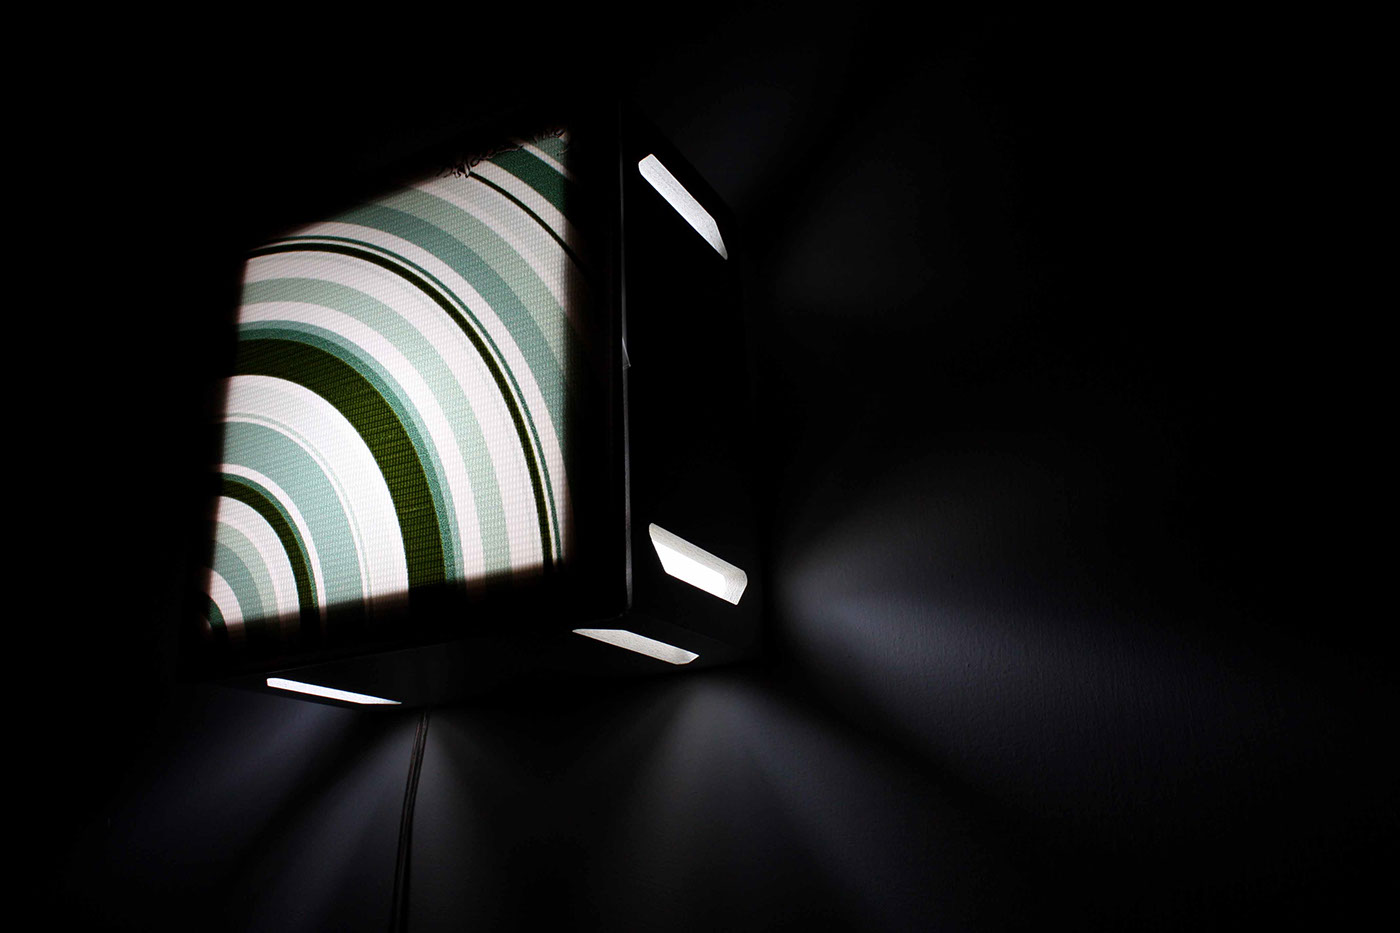 design lighting Lamp indoor art arte venezuela